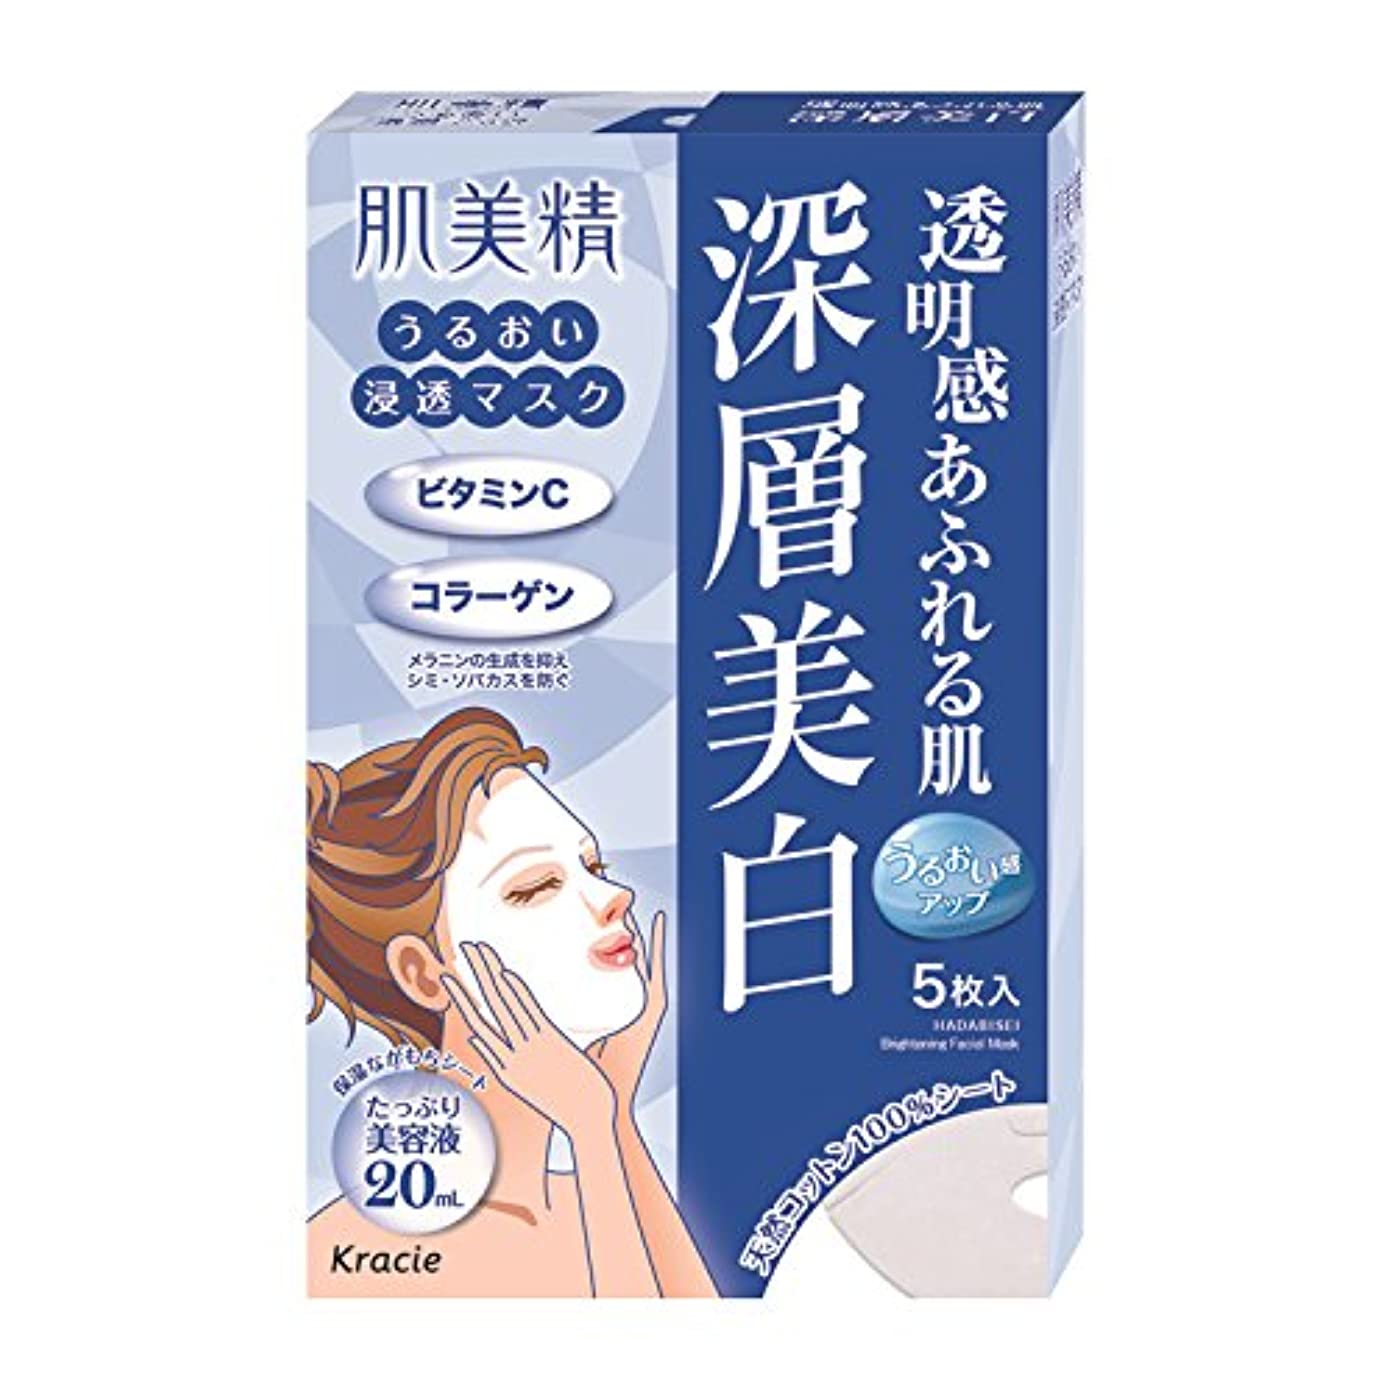 肌美精 うるおい浸透マスク (深層美白) 5枚 [医薬部外品]